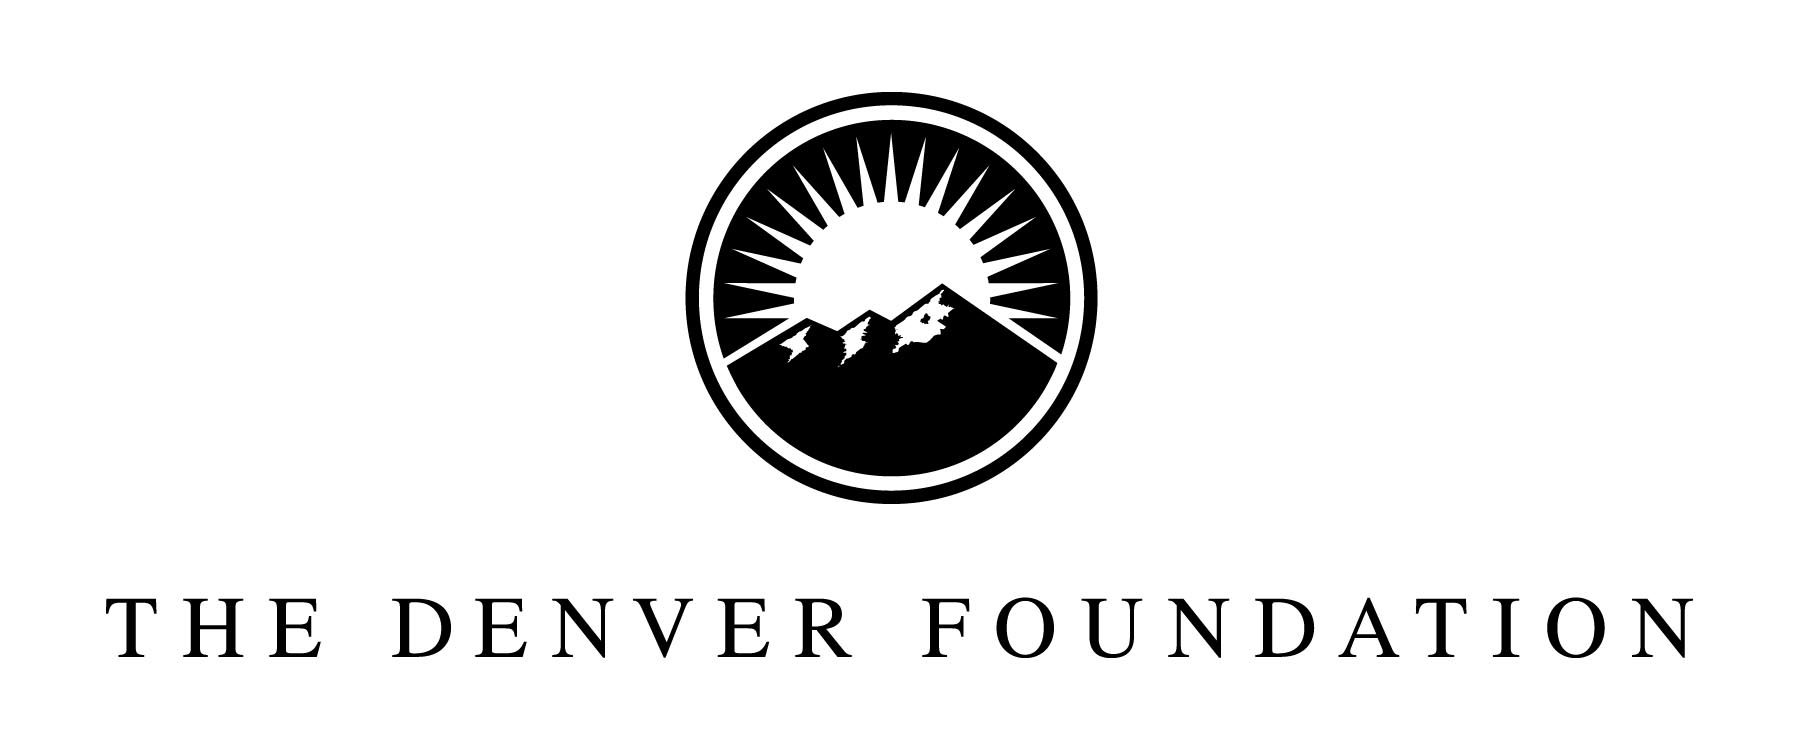 Denver Foundation_0